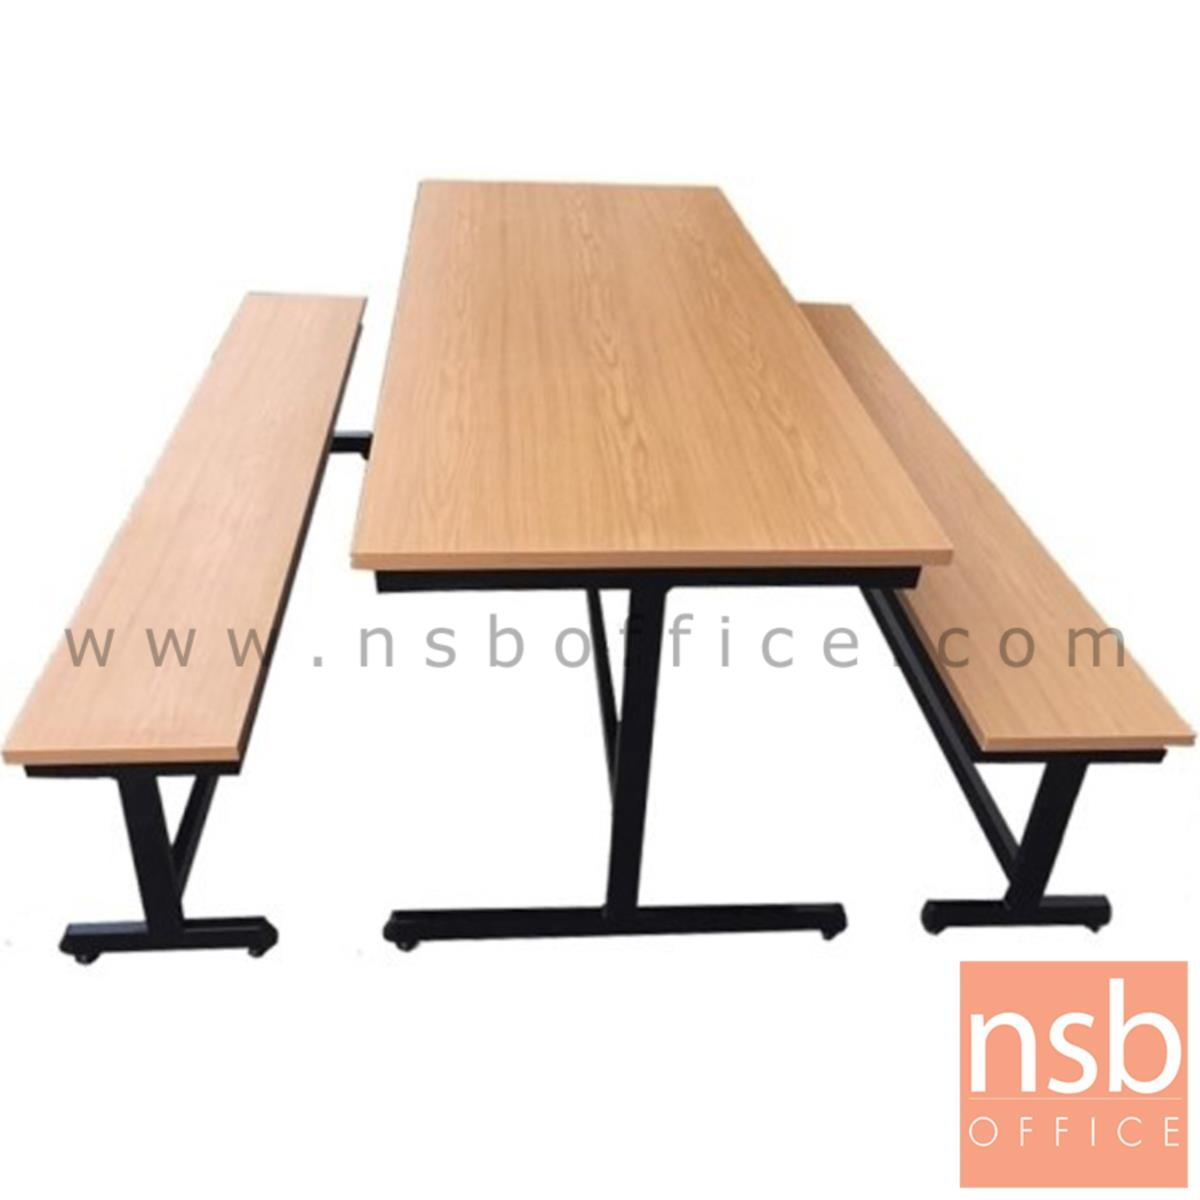 A17A076:โต๊ะโรงอาหารไม้เมลามีน รุ่น NORTH DOKOTA (นอร์ธดาโกตา) ขนาด 180W cm.  ขาเหล็กตัวไอ